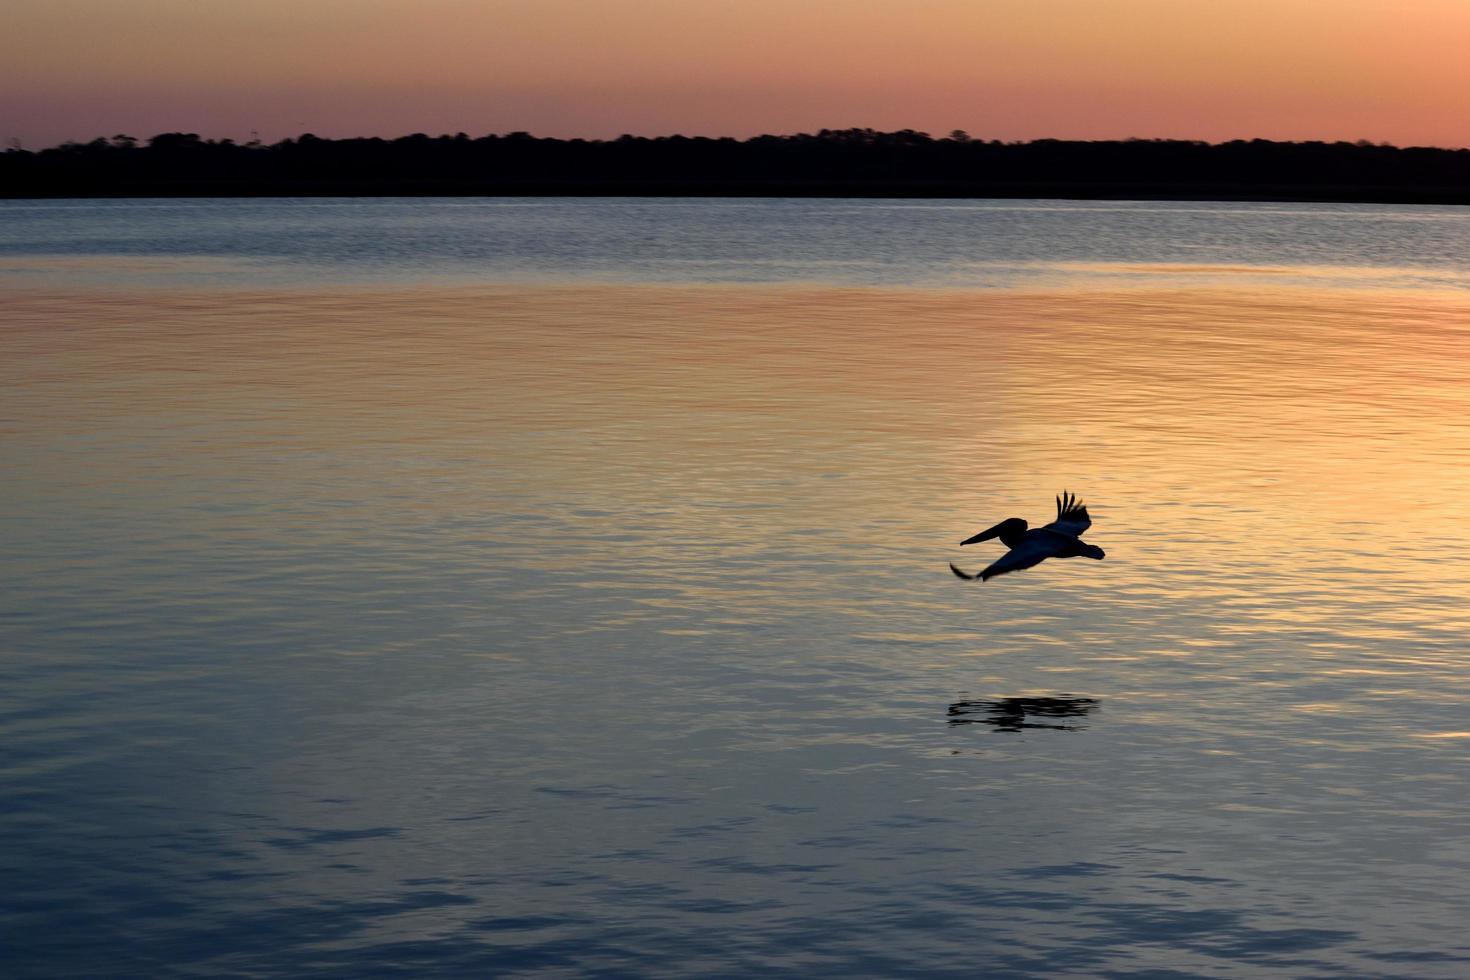 pelicano marrom voador foto